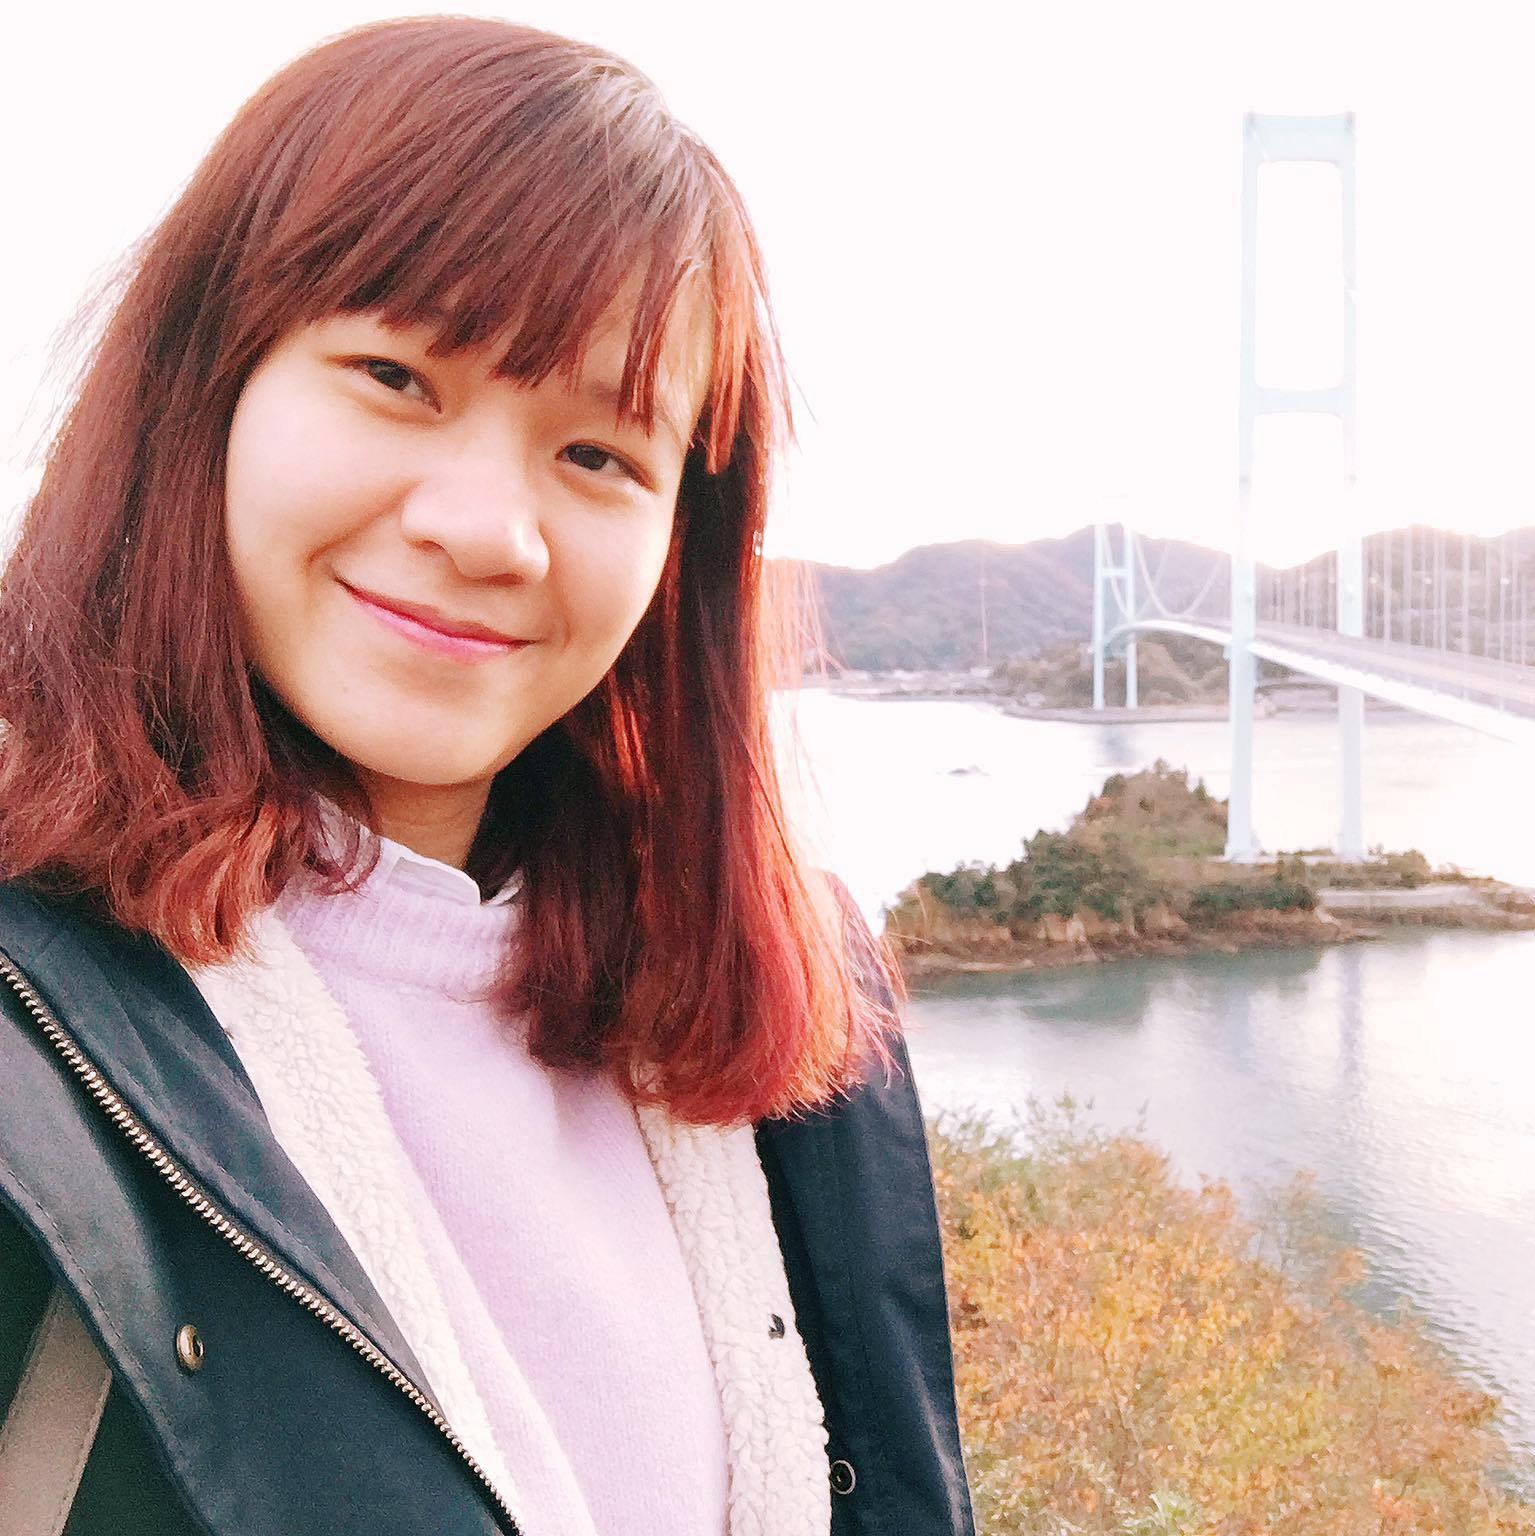 http://taoyaka.hiroshima-u.ac.jp/wptaoyaka/wp-content/uploads/2015/10/Jenny.jpg